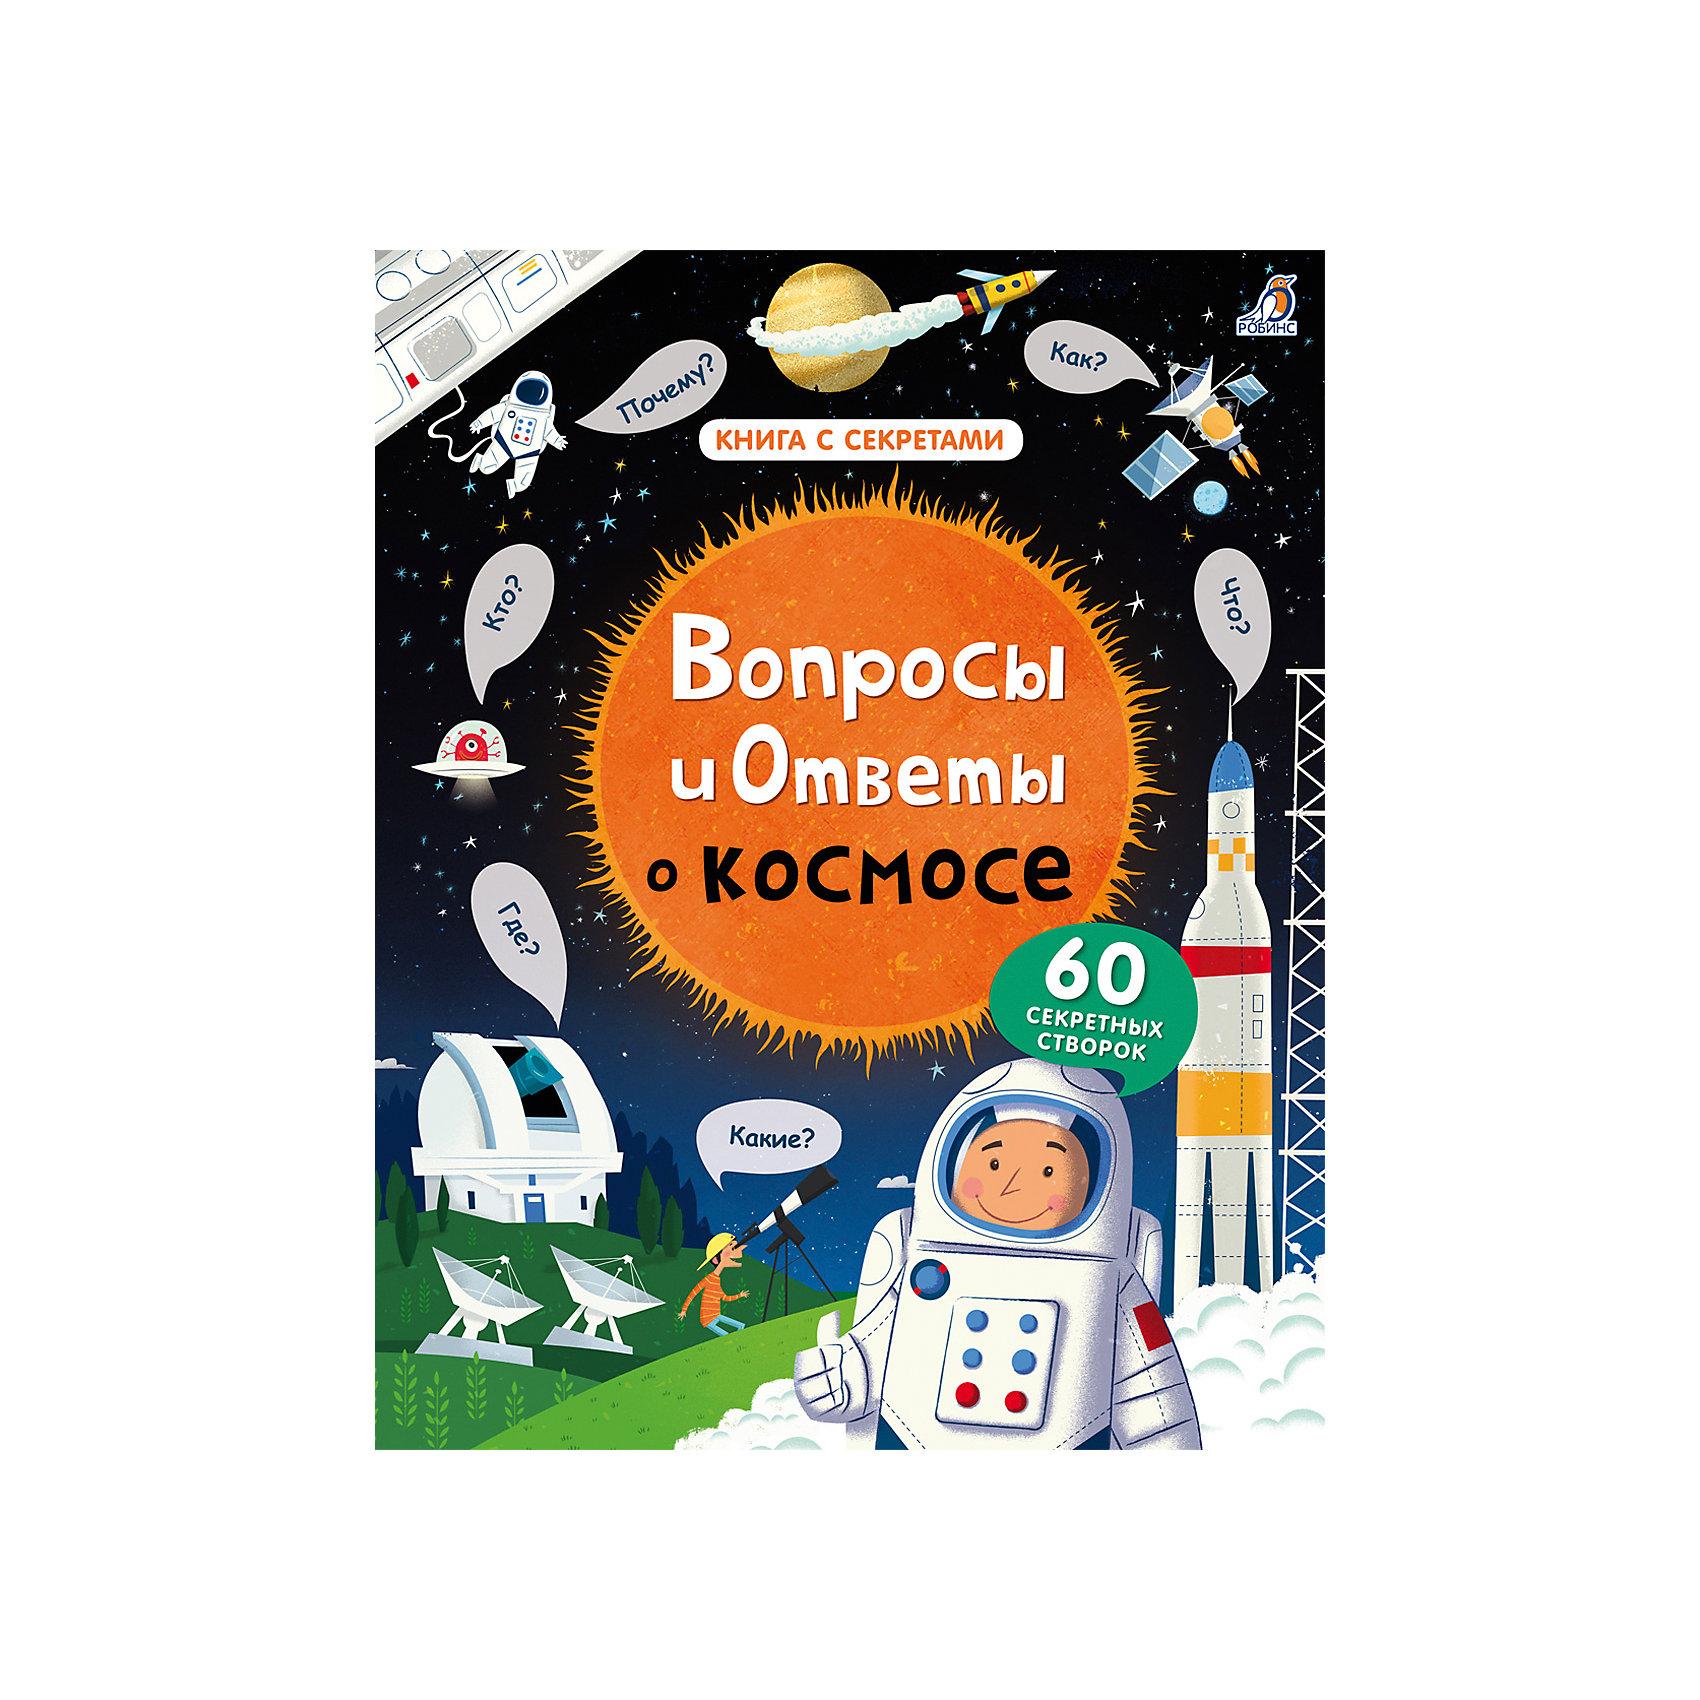 Вопросы и ответы о космосеДетские энциклопедии<br>Книга Вопросы и ответы о космосе.<br><br>Характеристика:<br><br>• Формат: 22 х 28 см. <br>• Переплет: картон.<br>• Количество страниц: 13.<br>• Иллюстрации: цветные.<br>• Более 60 секретных створок.<br>• Оригинальные красочные иллюстрации.<br>• Развивает мышление, моторику рук, память, расширяет кругозор. <br><br>Эта замечательна книга расскажет детям о времени о космосе, ответит на все каверзные вопросы и надолго увлечет маленьких почемучек. Яркие красочные иллюстрации, картонные окошки с сюрпризами, захватывающие факты приведут в восторг любого ребенка. Книга Вопросы и ответы о космосе не только порадует и развлечет детей, но и поможет развить мышление, моторику рук, память, расширит кругозор, и конечно, подарит море положительных эмоций! Плотные картонные страницы и оптимальный формат идеально подойдут даже для юных читателей. <br><br>Книгу Вопросы и ответы о космосе можно купить в нашем интернет-магазине.<br><br>Ширина мм: 280<br>Глубина мм: 225<br>Высота мм: 260<br>Вес г: 619<br>Возраст от месяцев: 60<br>Возраст до месяцев: 2147483647<br>Пол: Унисекс<br>Возраст: Детский<br>SKU: 5507268